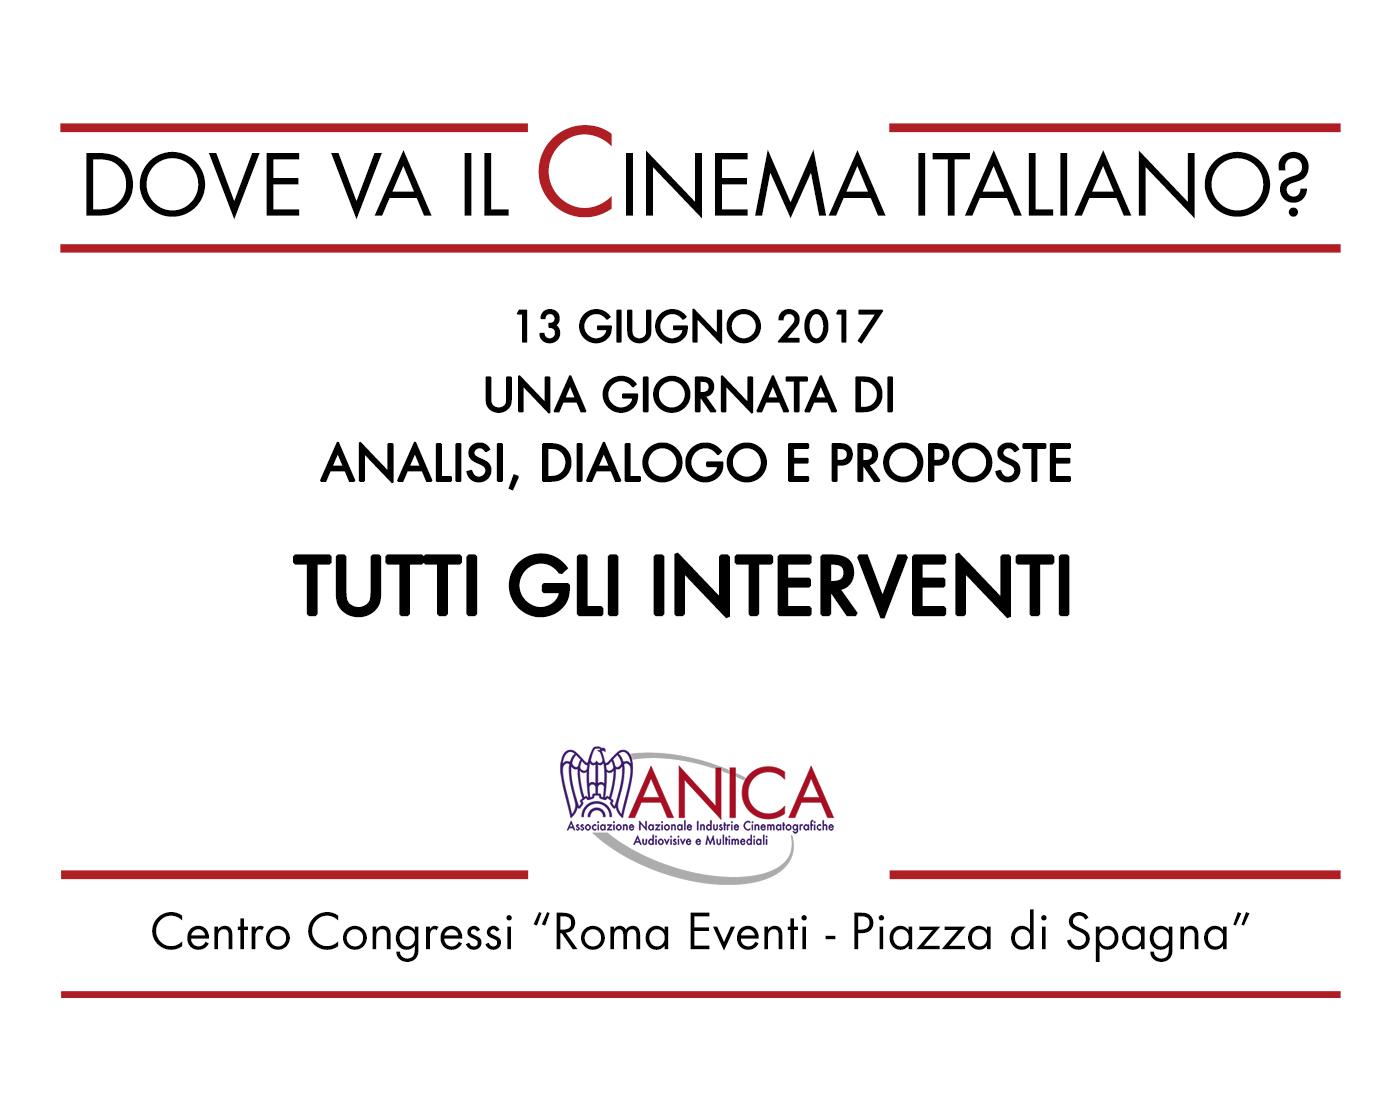 BANNER_DOVE-VA-IL-CINEMA-ITALIANO-INTERVENTI